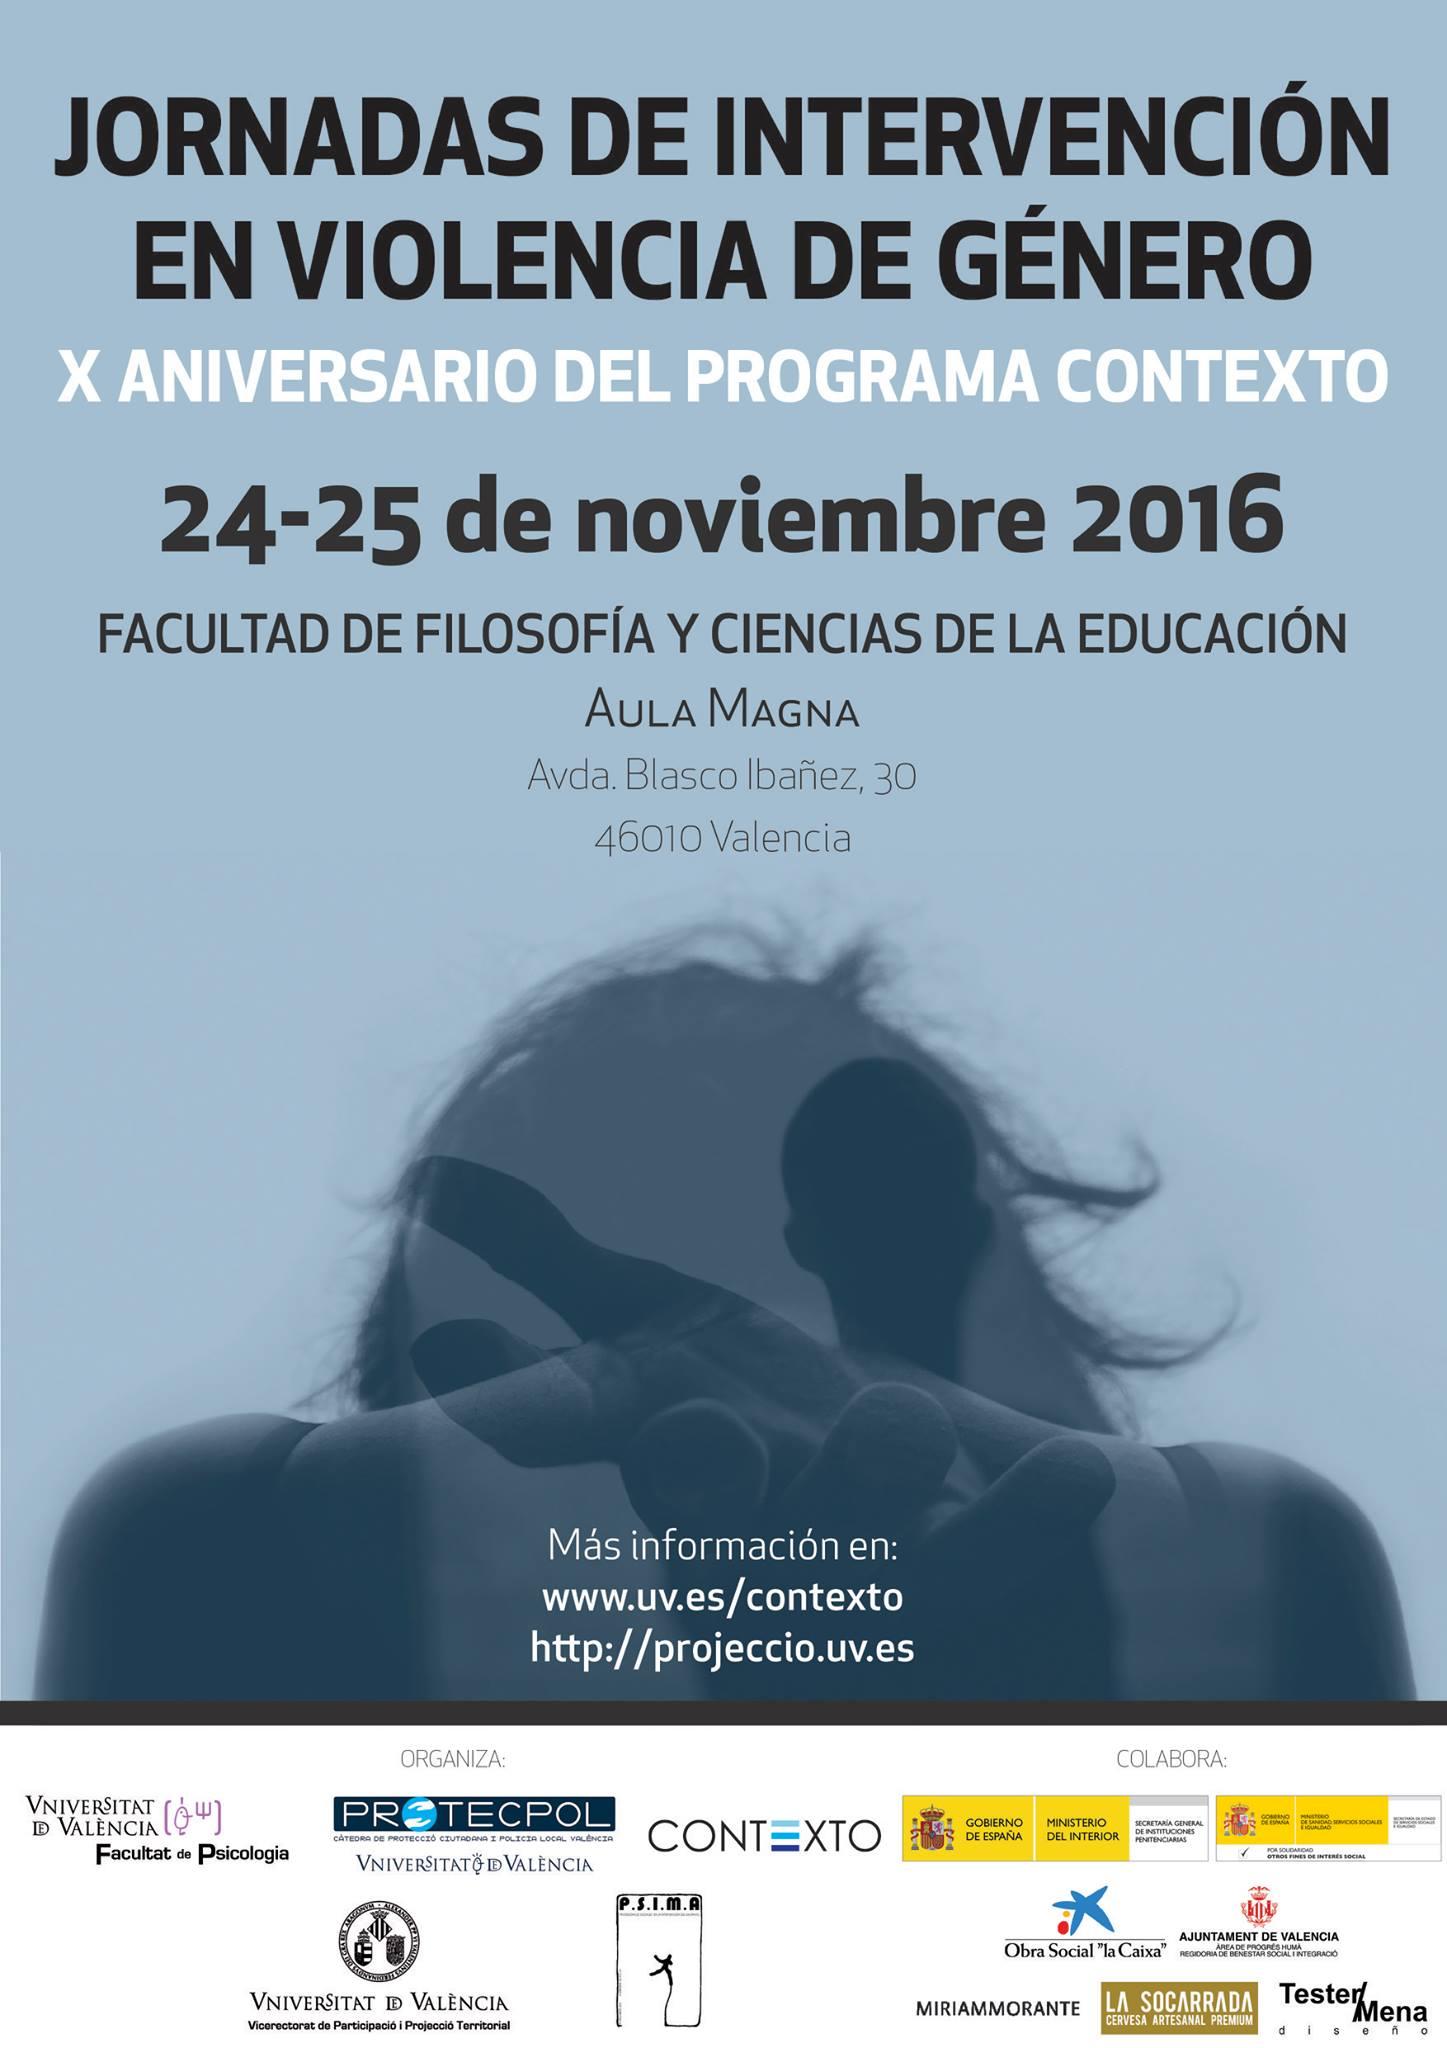 Imagen Jornadas de intervención en violencia de género